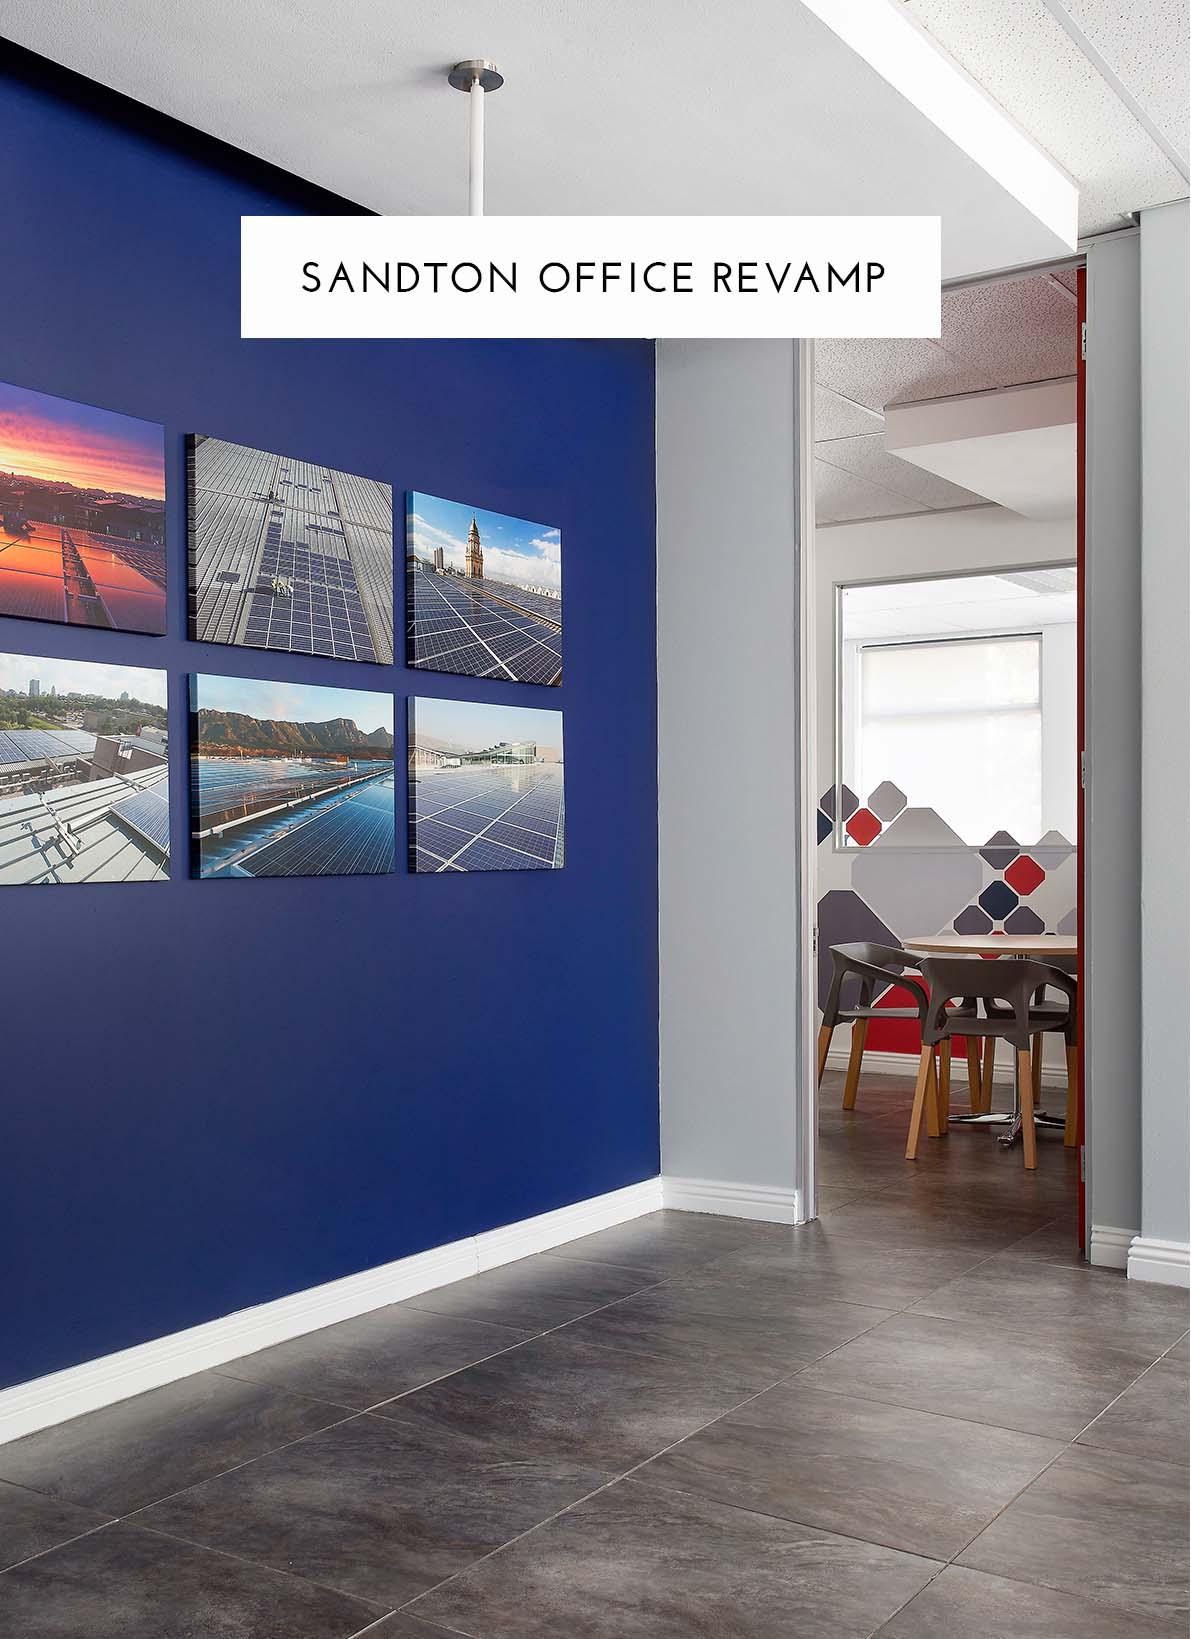 Sandton office revamp.jpg